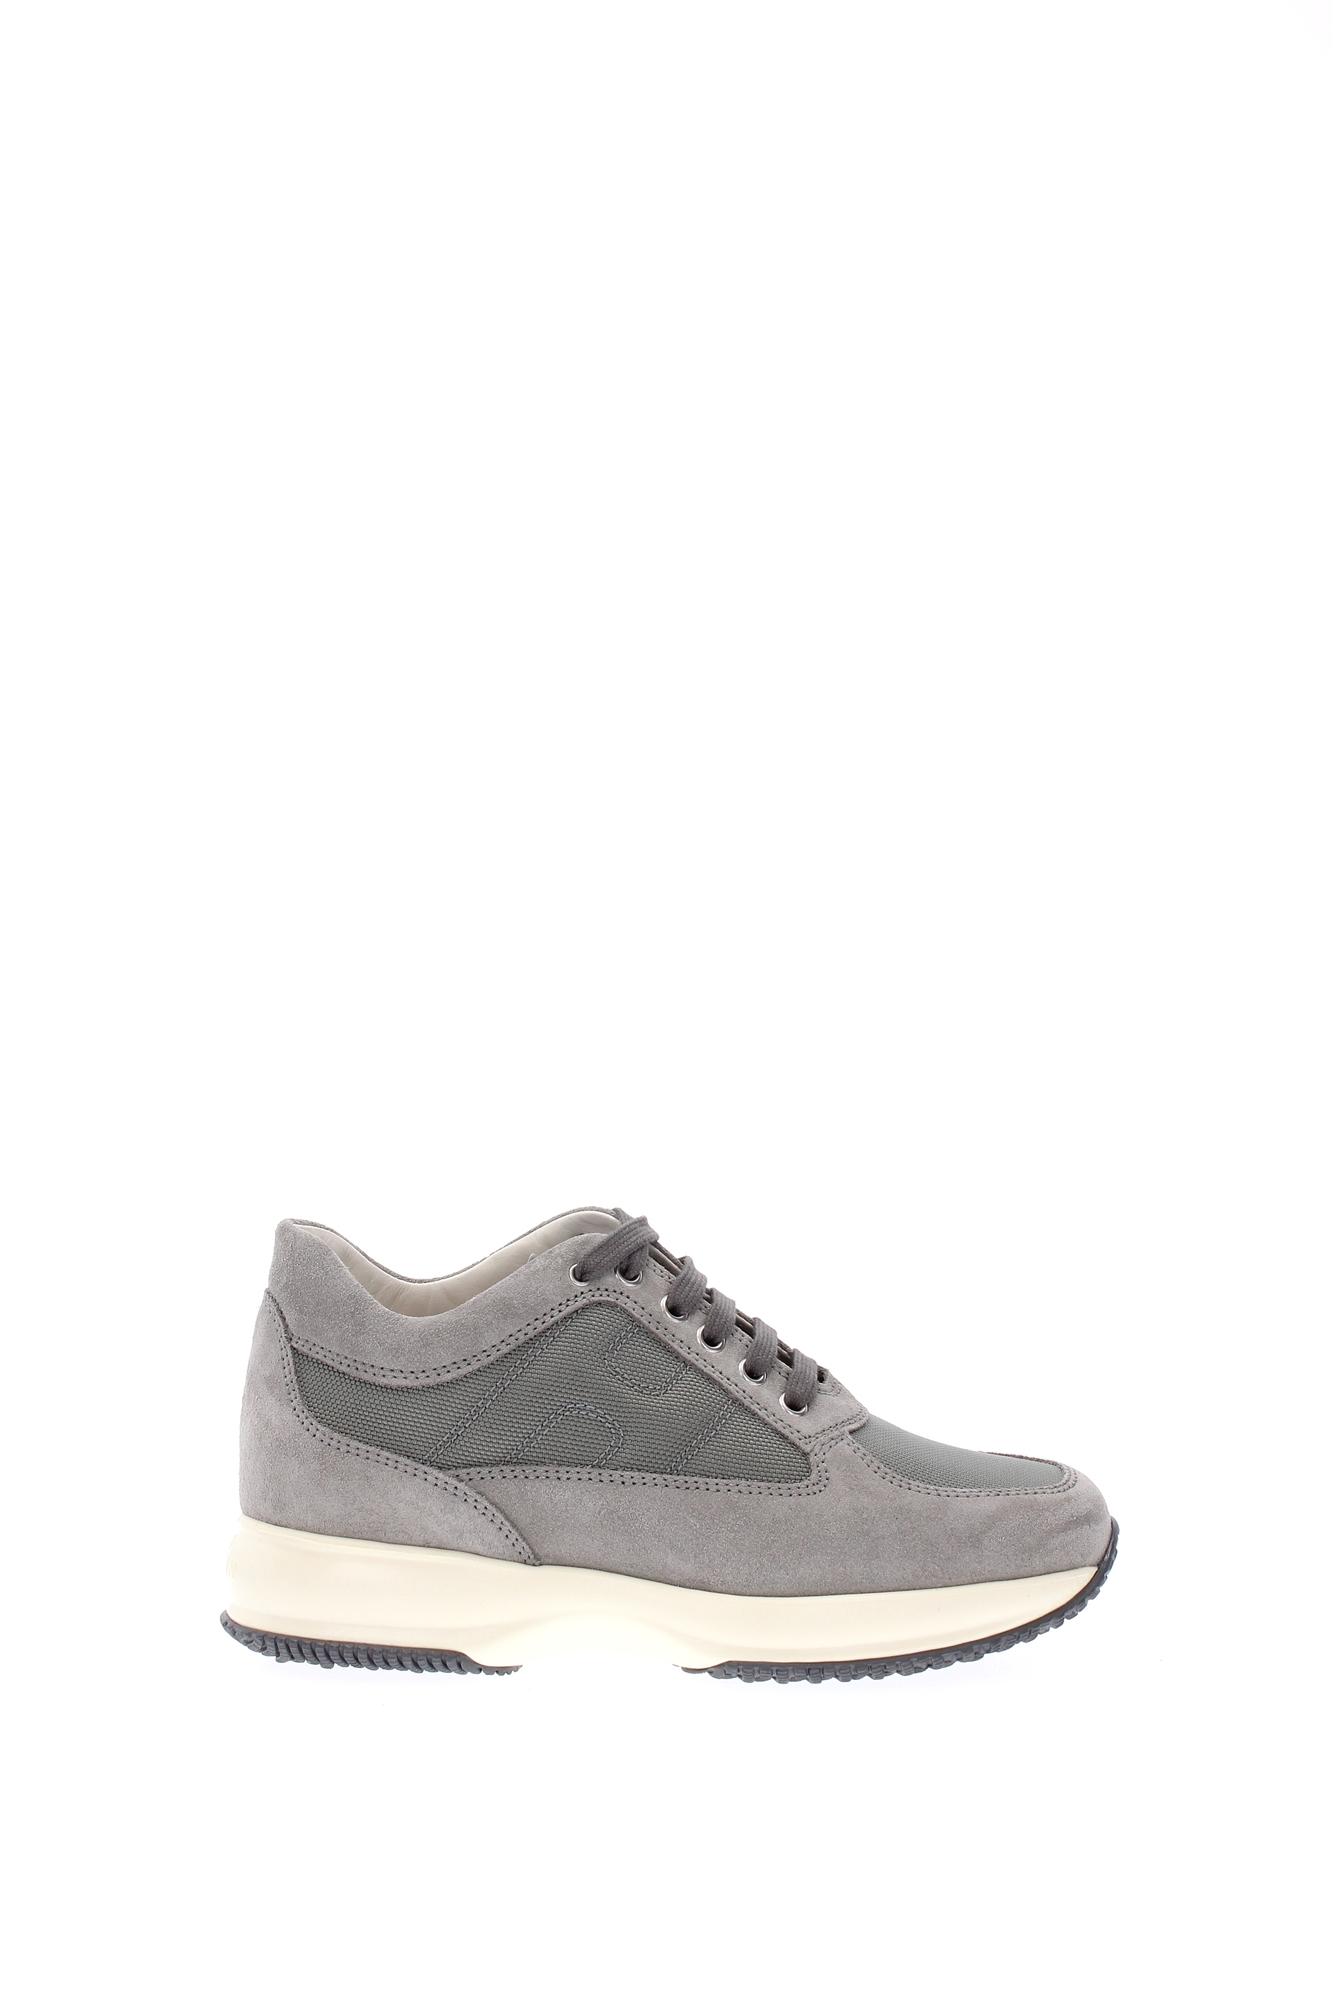 Sneakers (HXM00N00E10B2A9996) Hogan Herren - Wildleder (HXM00N00E10B2A9996) Sneakers 7c939d